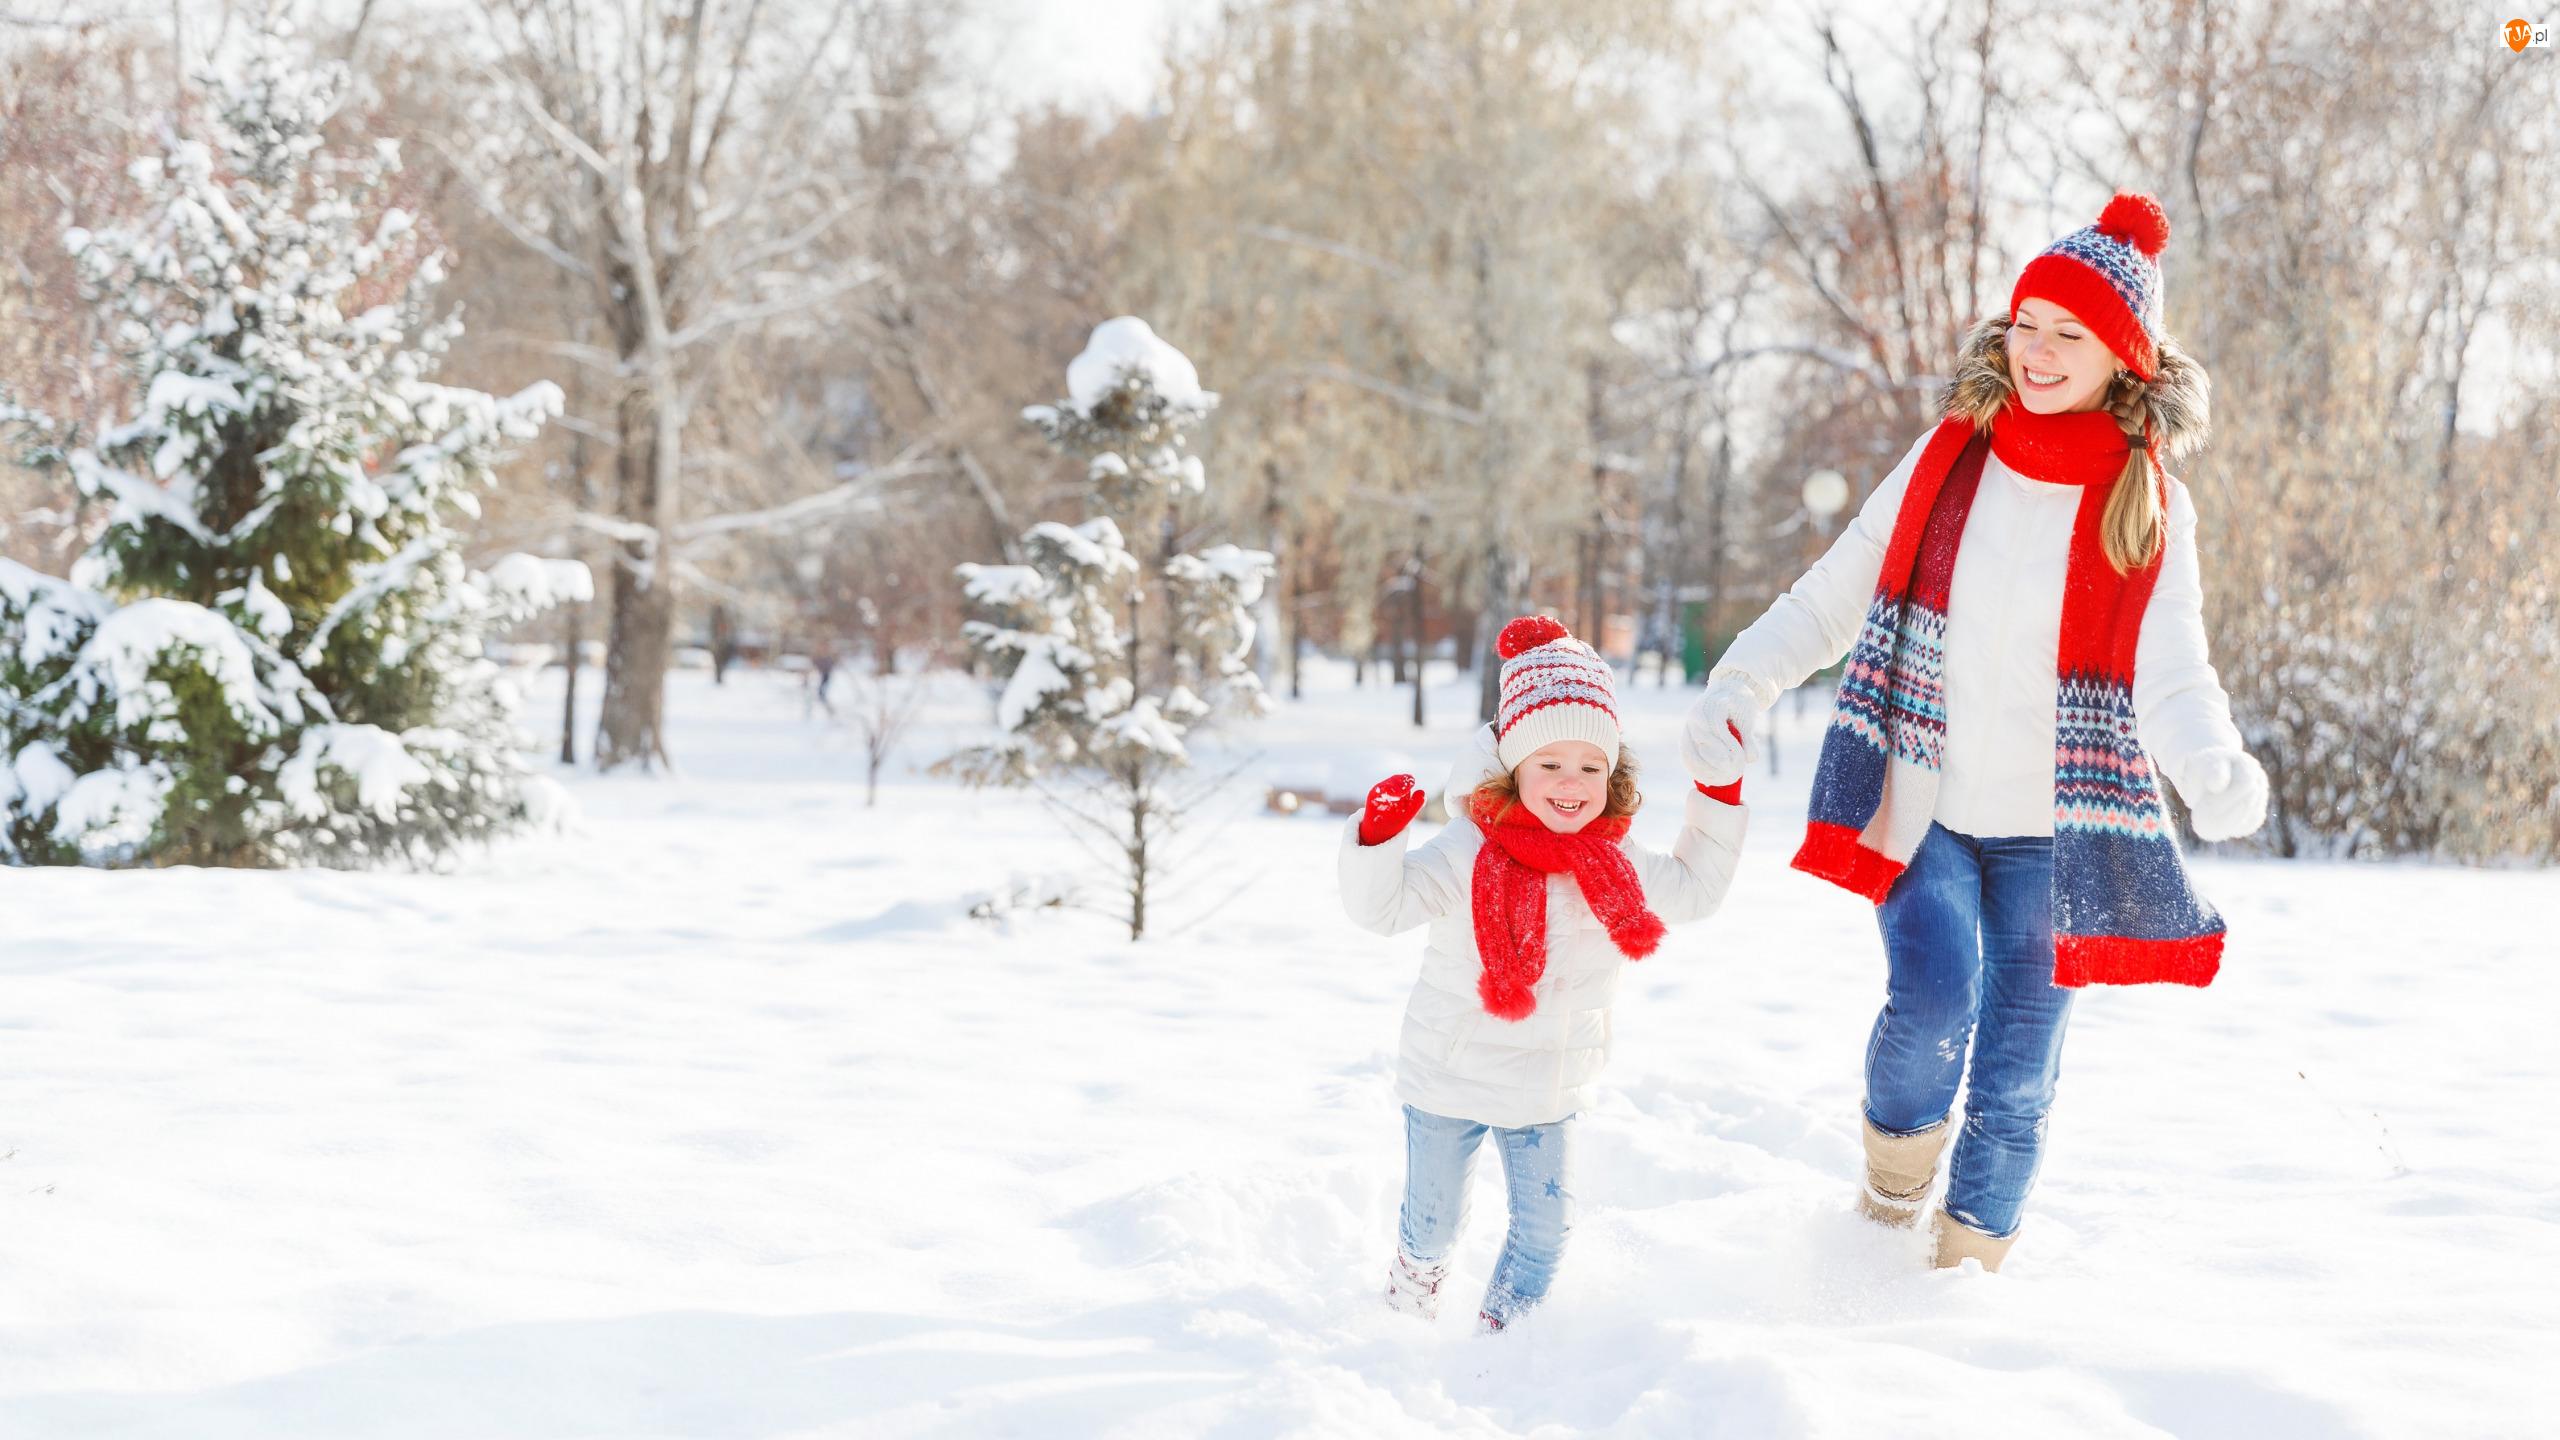 Dziewczynka, Zima, Uśmiech, Śnieg, Mama, Drzewa, Rodzina, Kobieta, Spacer, Dziecko, Park